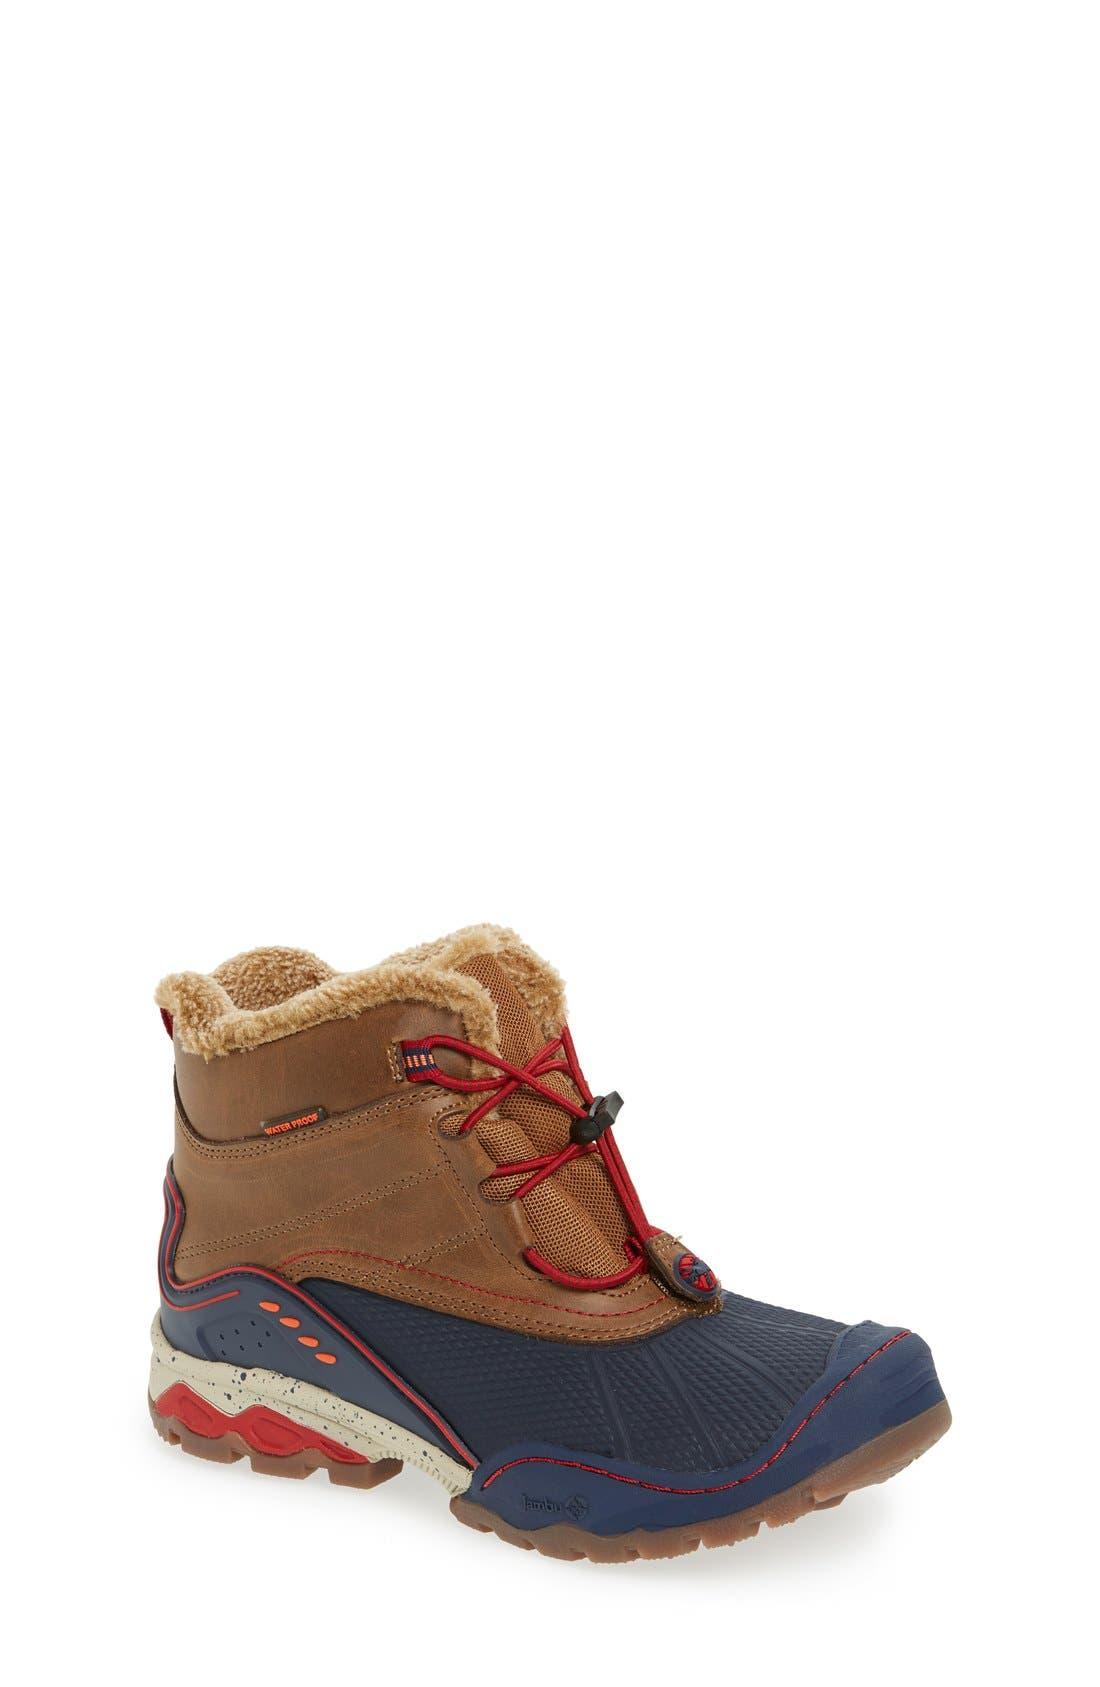 JAMBU 'Baltoro 3' Waterproof Insulated Snow Boot